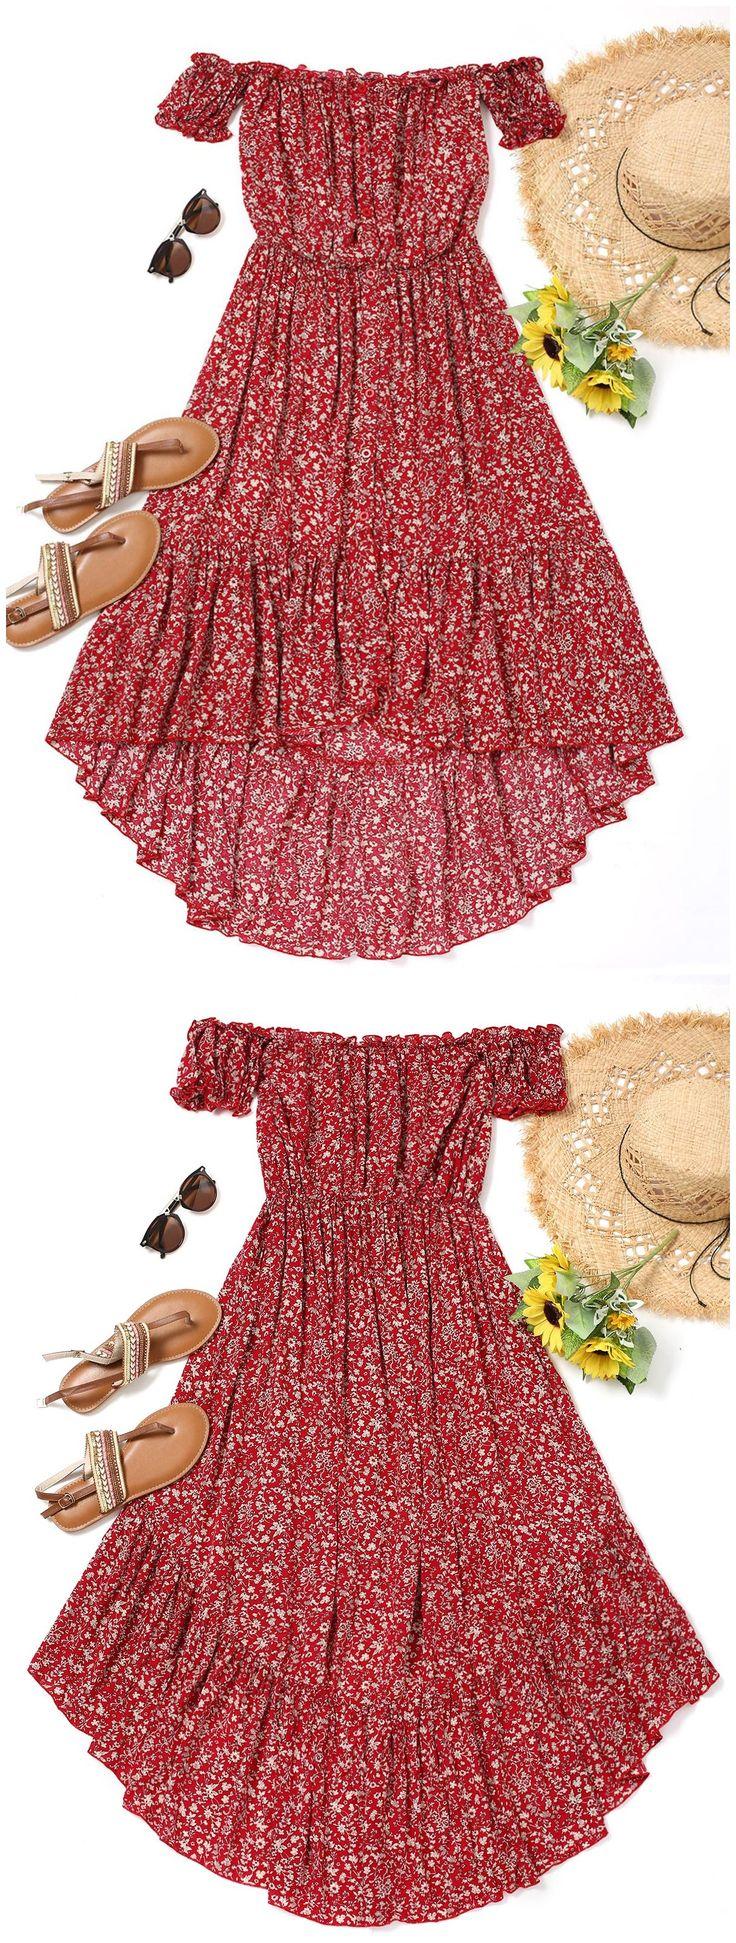 best springsummer fashion images on pinterest spring summer